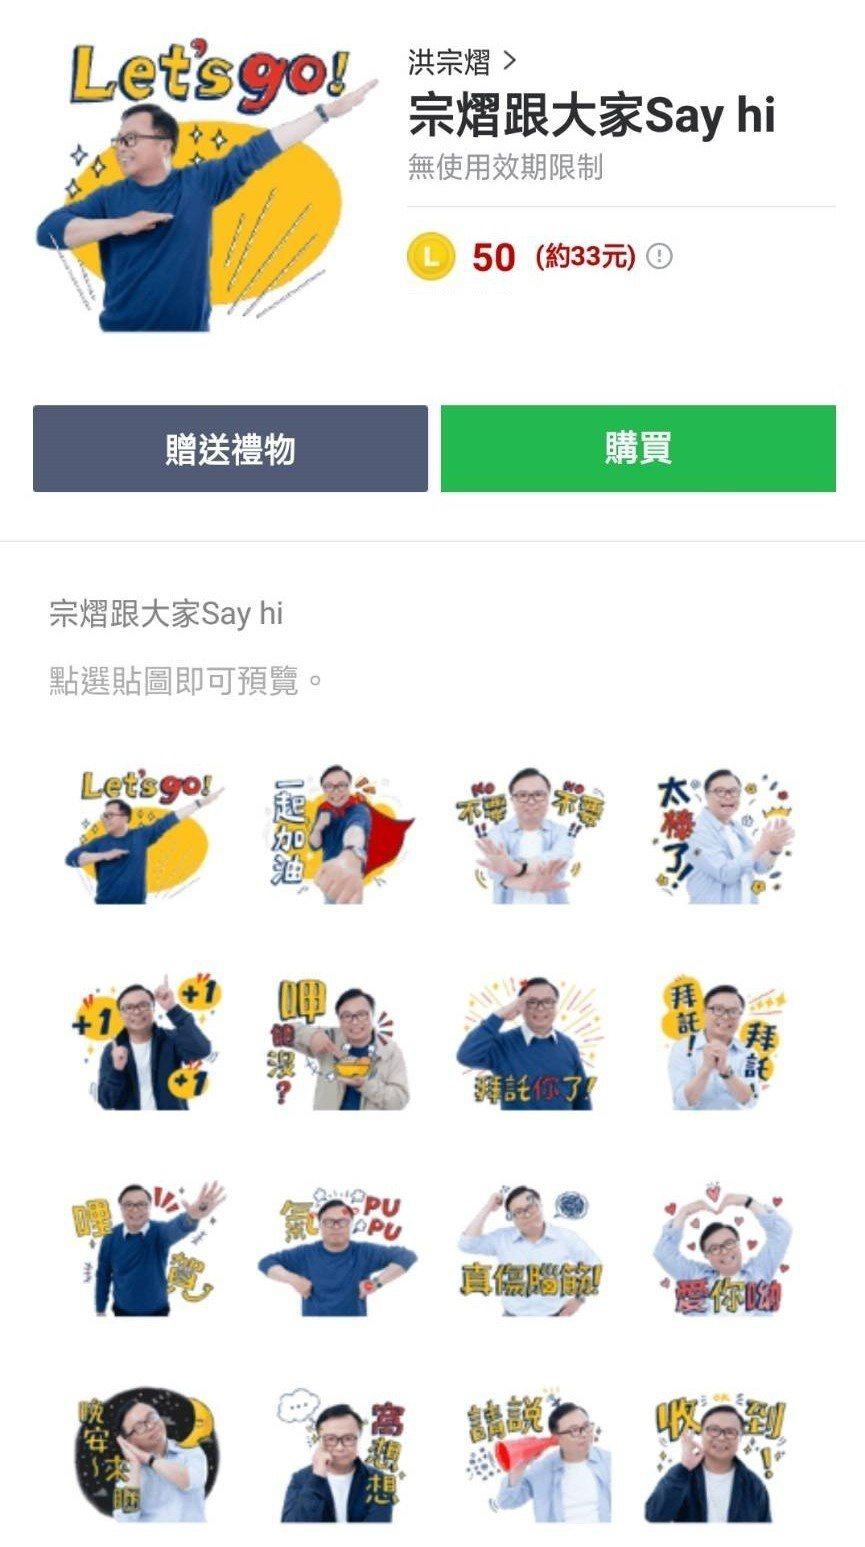 民進黨立委洪宗熠推出Line貼圖。圖/取自LINE